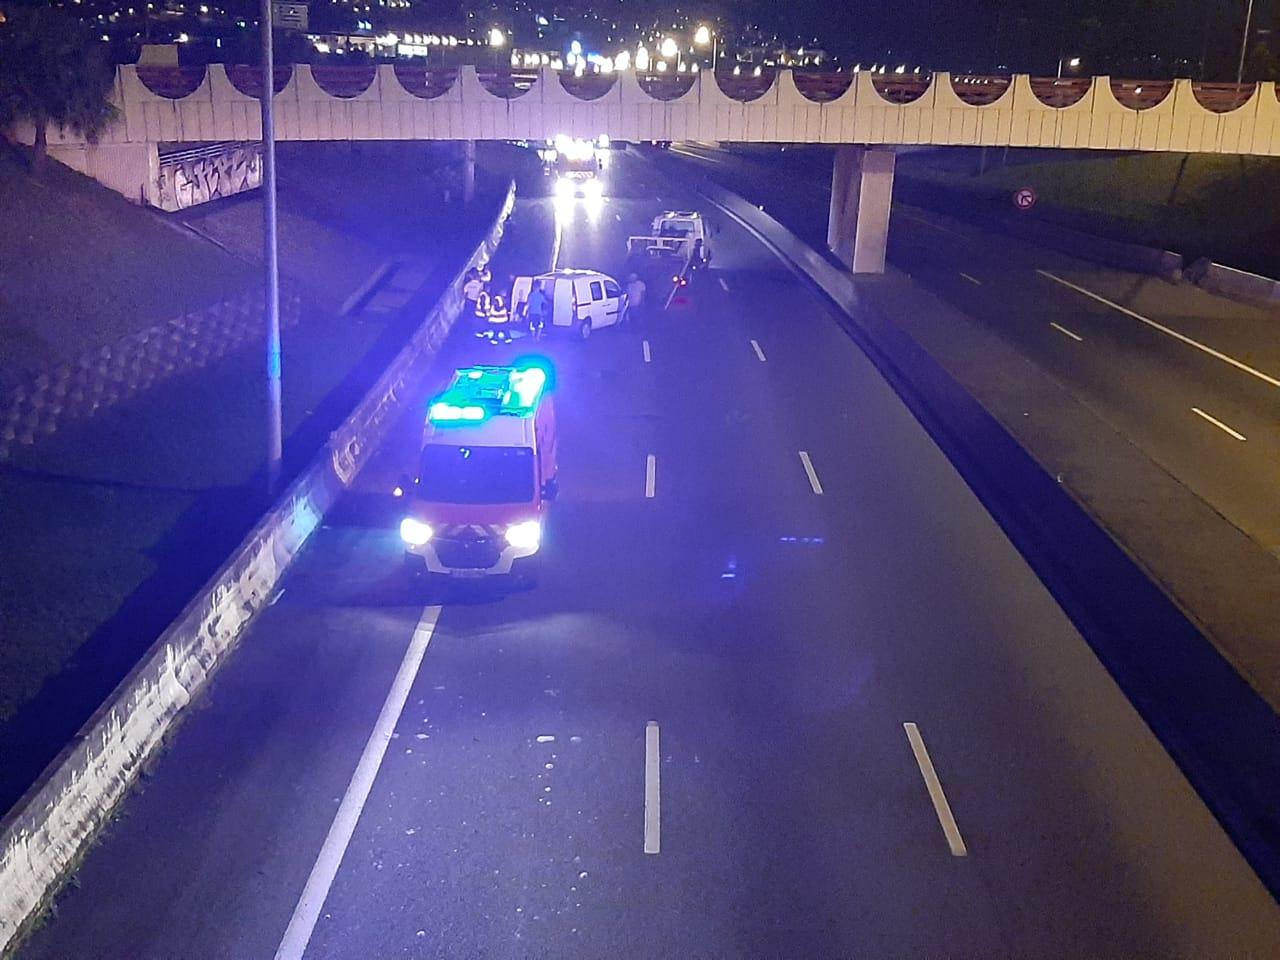 Un accident provoque la fermeture temporaire d'une portion de l'autoroute